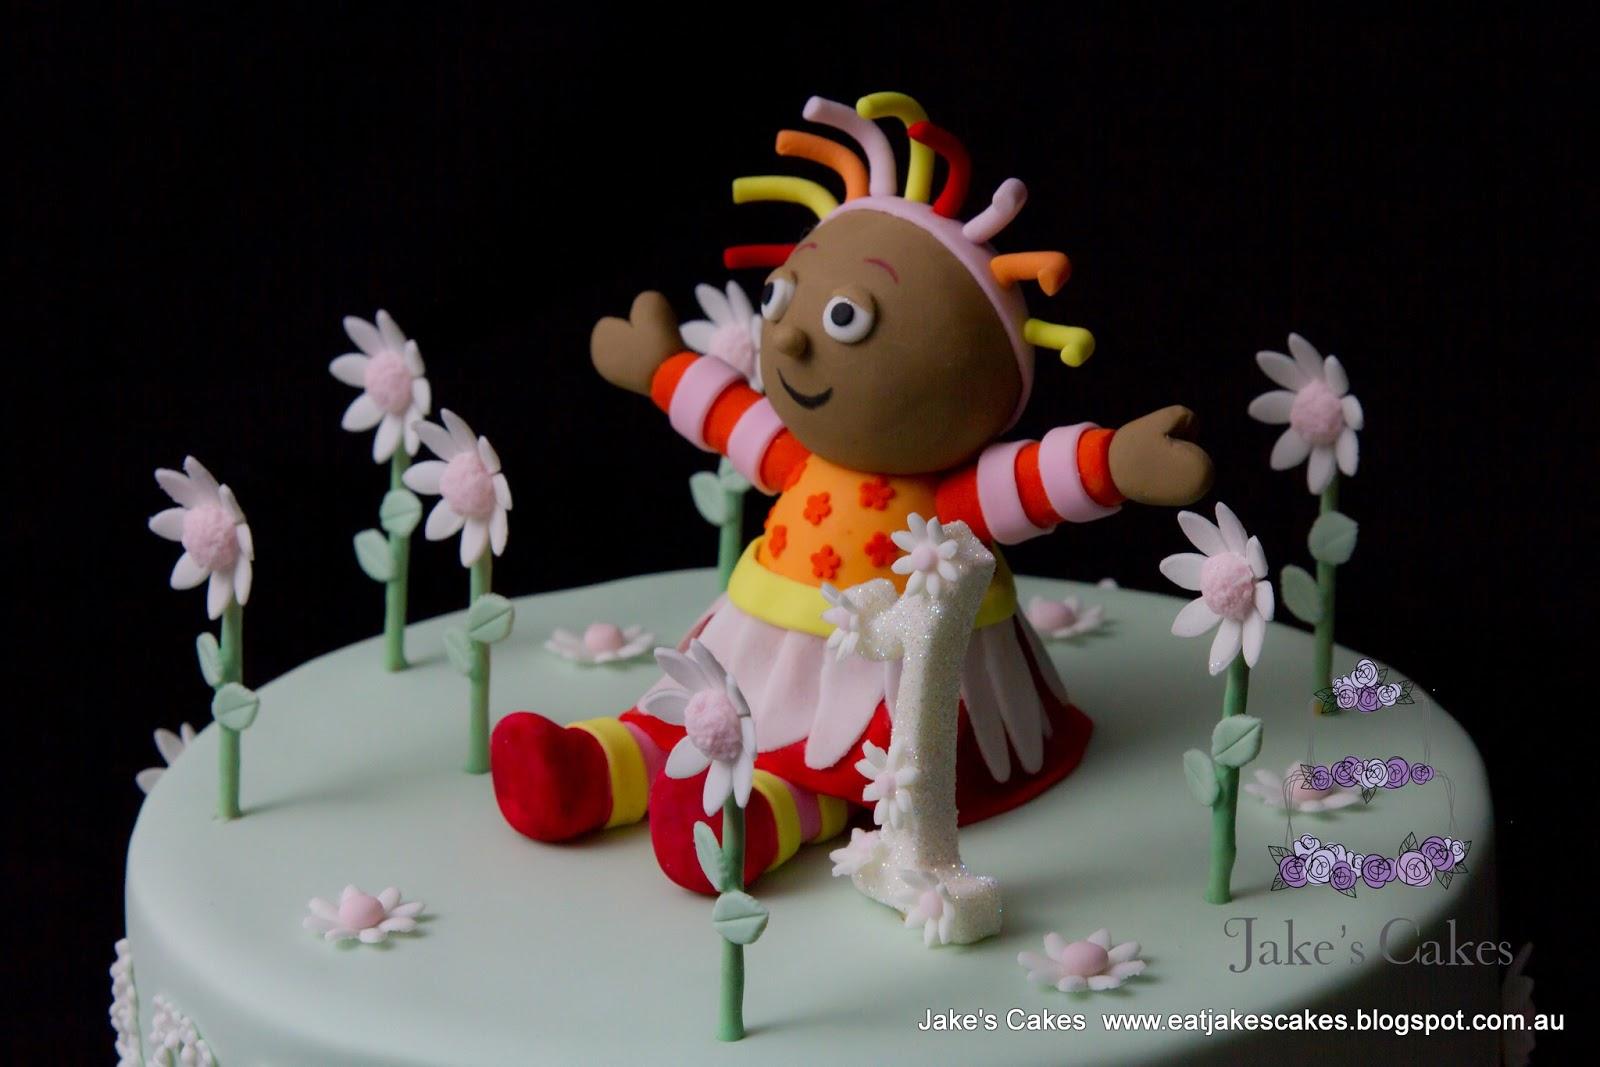 Jake s Cakes: Upsy Daisy Cake